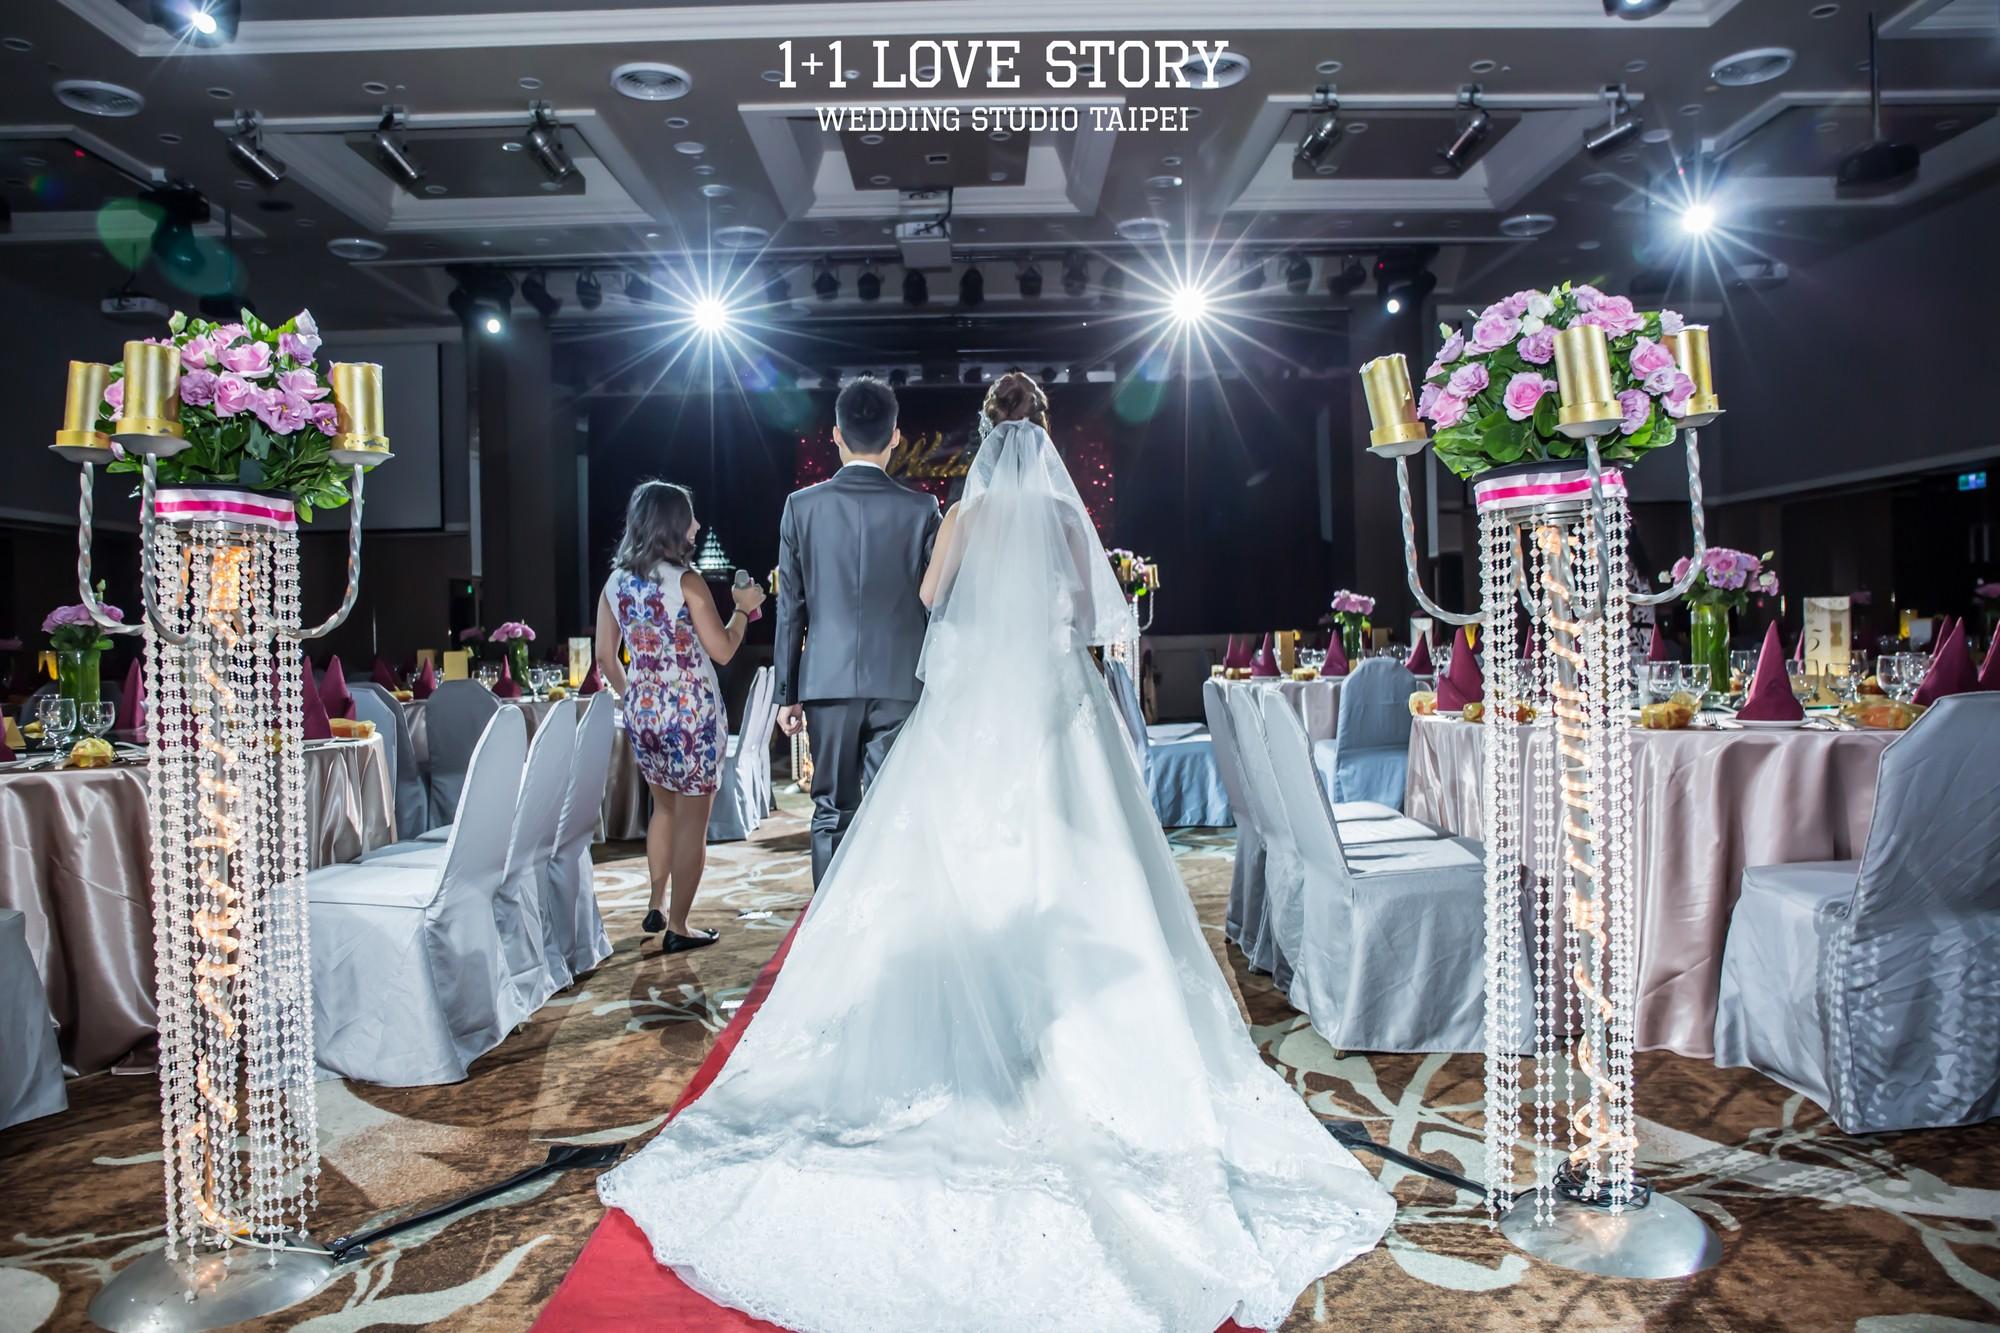 婚禮攝影,婚攝,婚禮記錄,婚禮紀錄